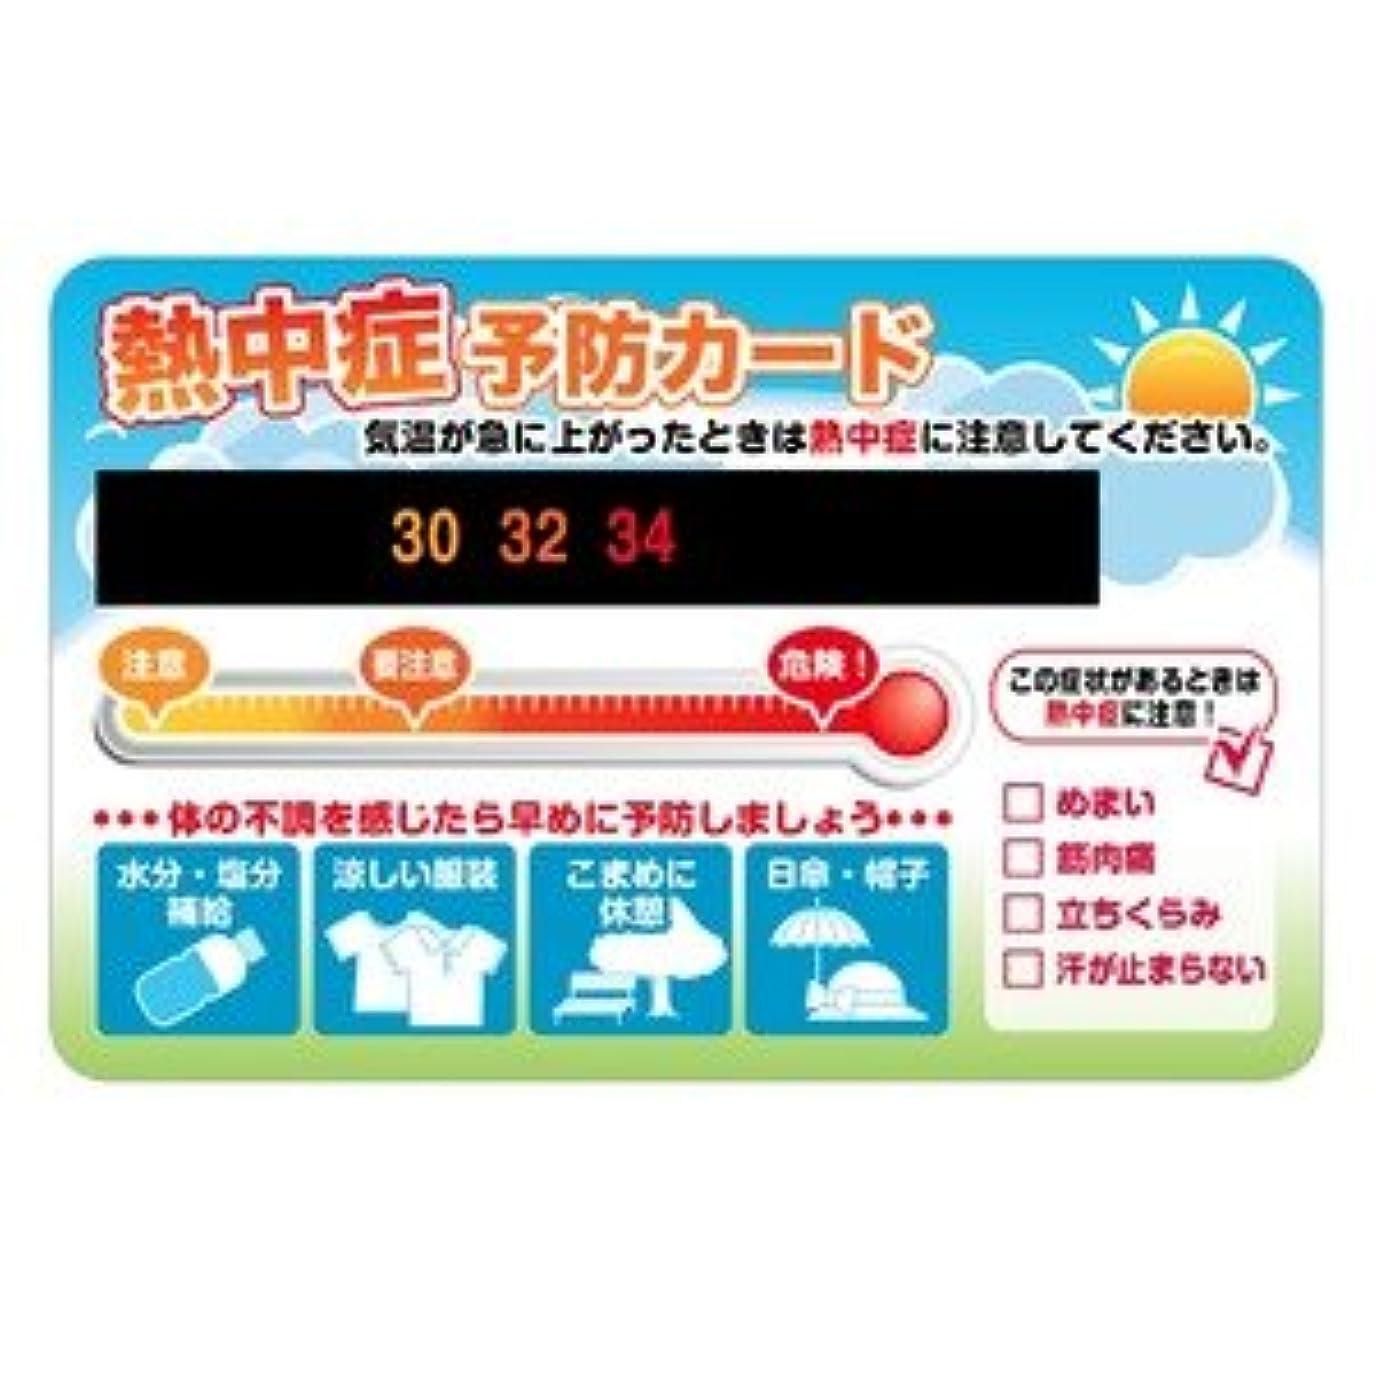 手配する高くエスニック熱中症予防カード?NE2 【100枚セット】 熱中症対策